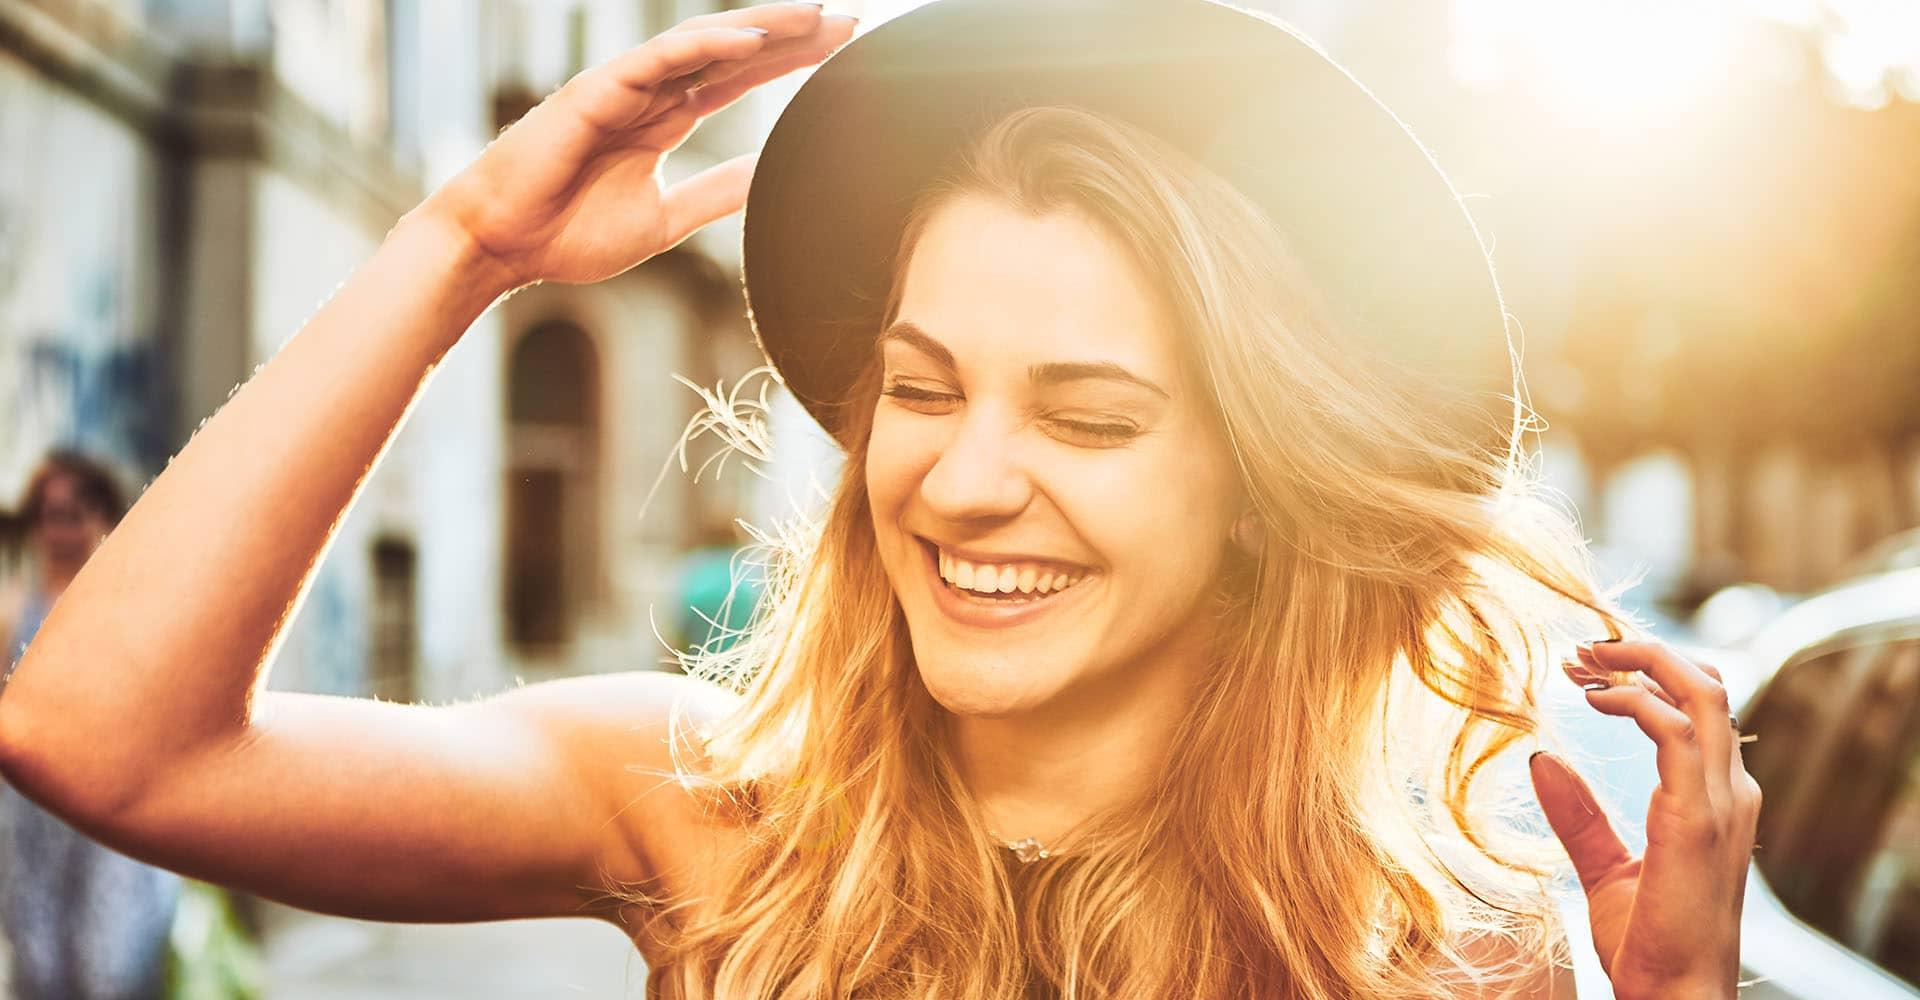 Frau mit gesunden Haaren und Hut lacht